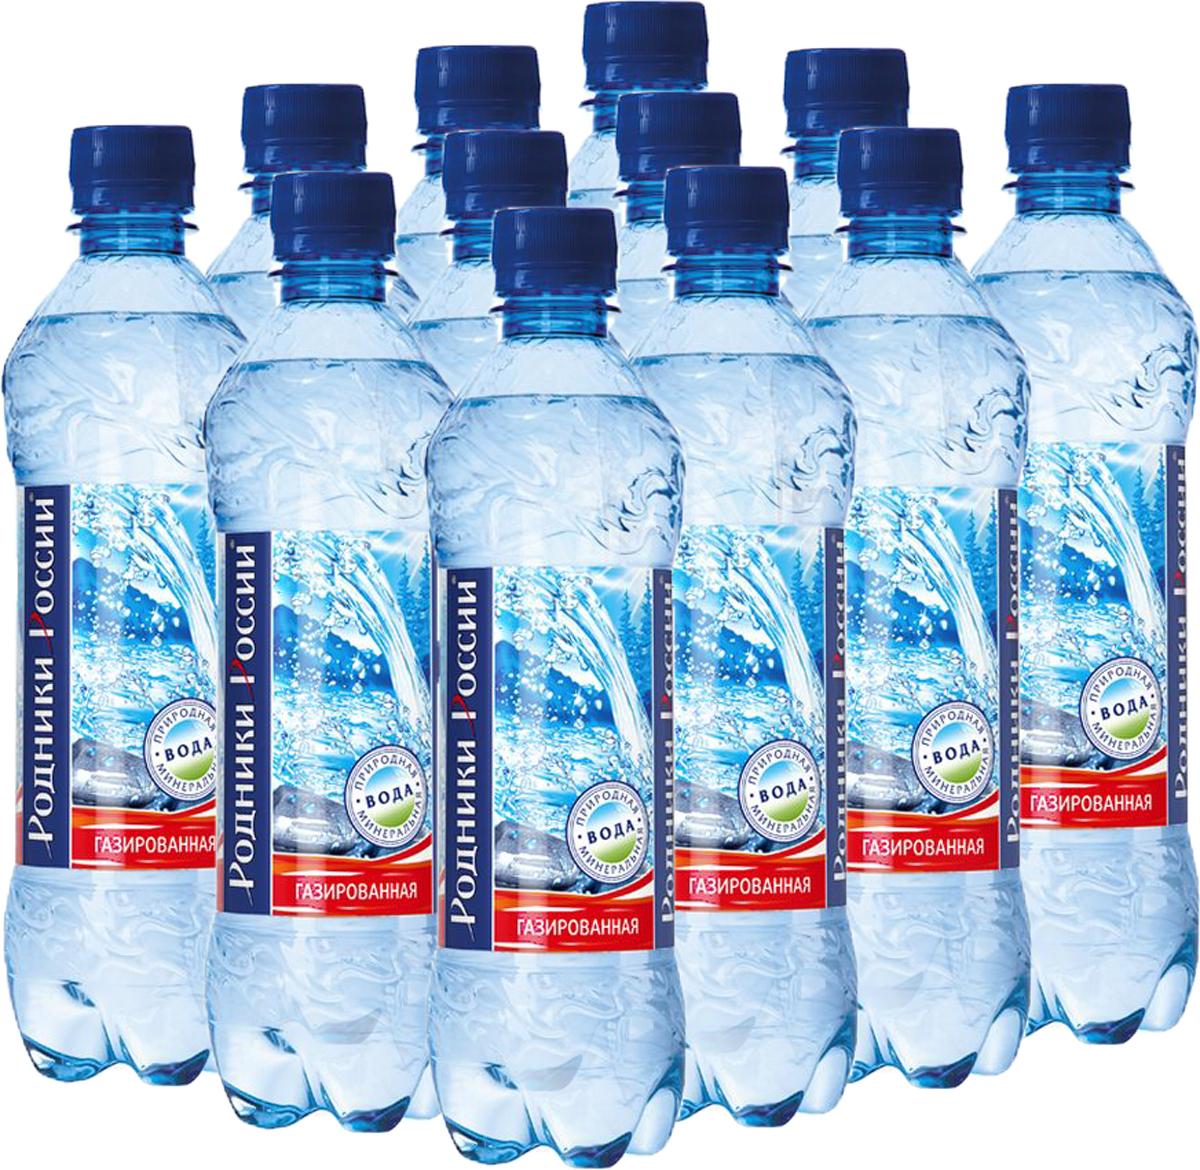 Родники России вода минеральная природная столовая газированная, 12 штук по 0,5 л fontdor вода минеральная природная премиум 1 л